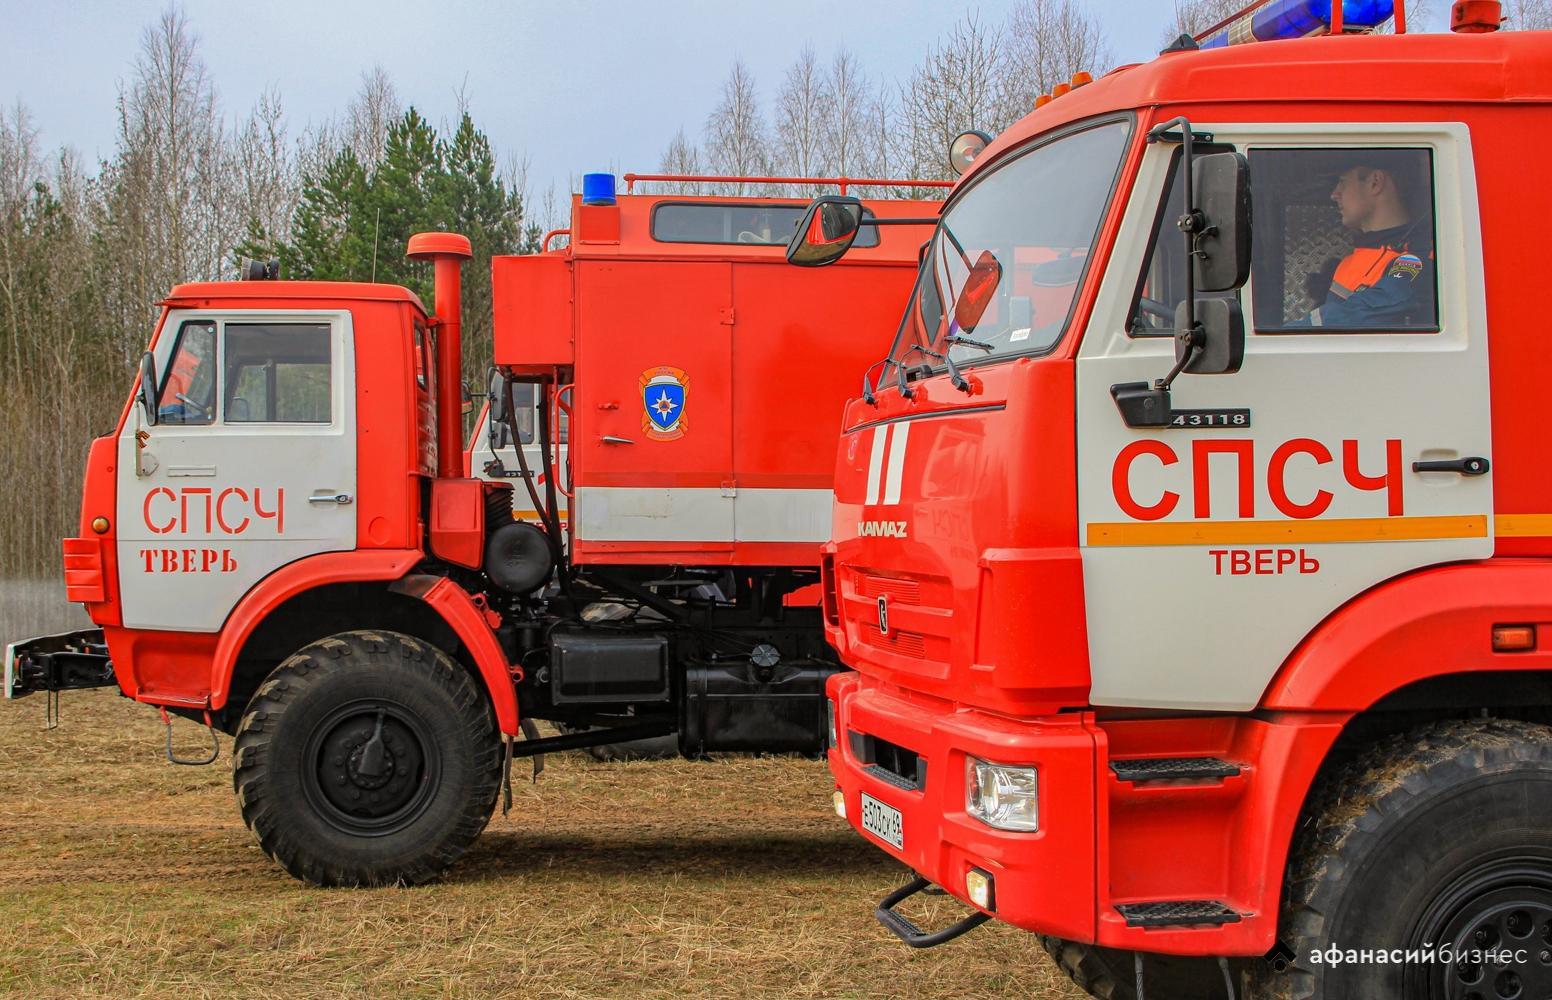 В деревне Тверской области сгорело четыре строения - новости Афанасий